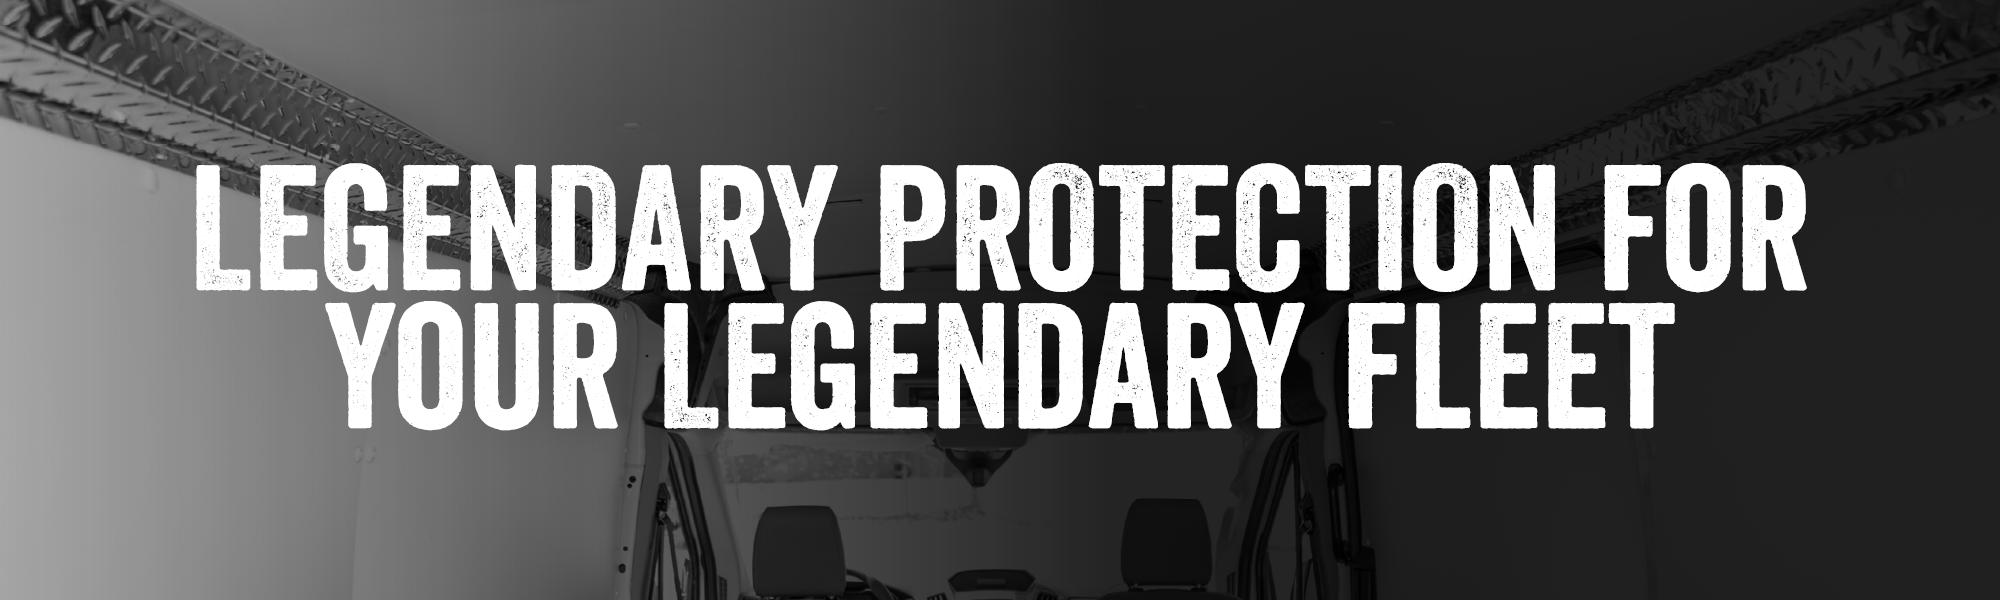 legendary protection for legendary fleet-1